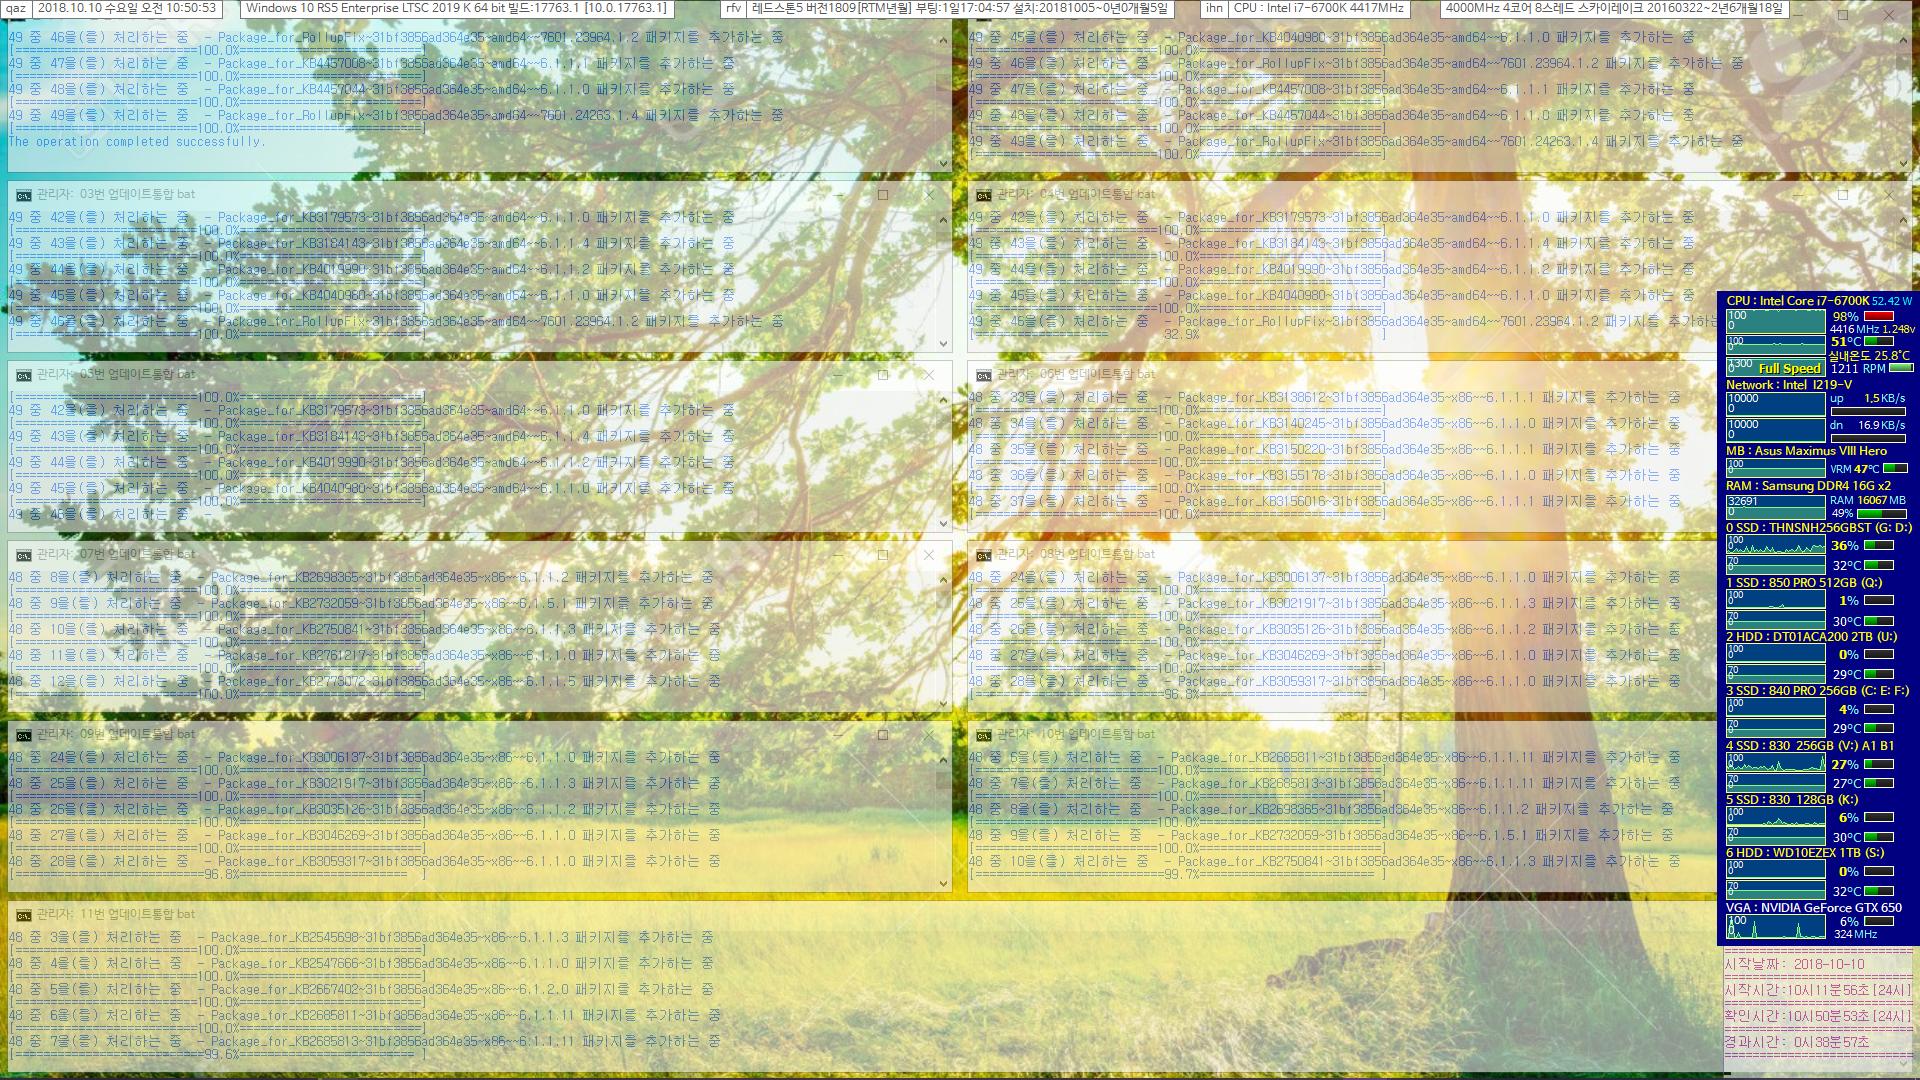 2018년 10월 10일 정기 업데이트 나왔네요 - Windows 7 롤업 업데이트 KB4462923 (OS 빌드 7601.24263) IE10 통합중 입니다 2018-10-10_105053.png